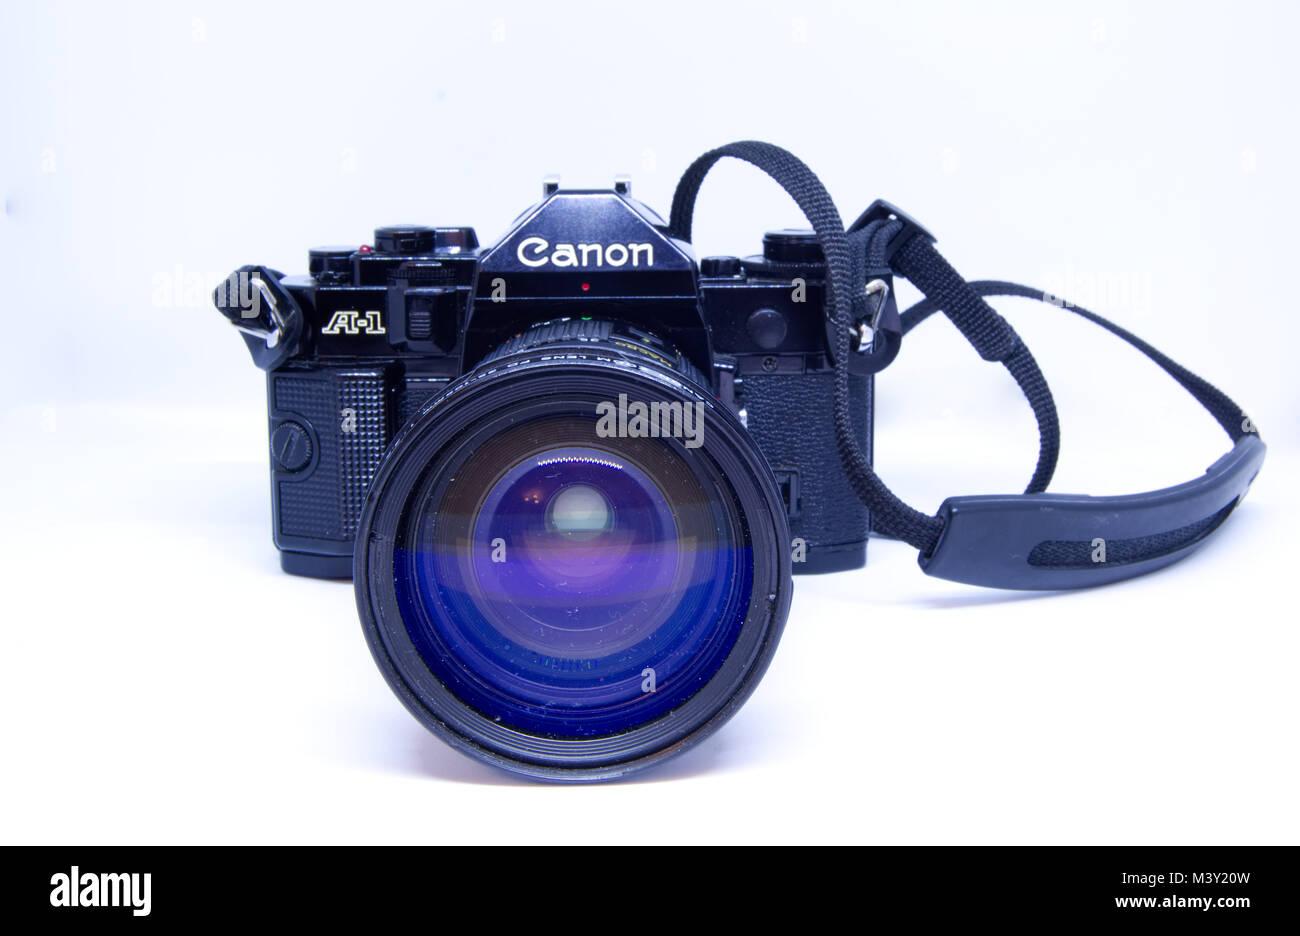 Canon A-1 telecamera cinematografica raffigurato su uno sfondo bianco Immagini Stock